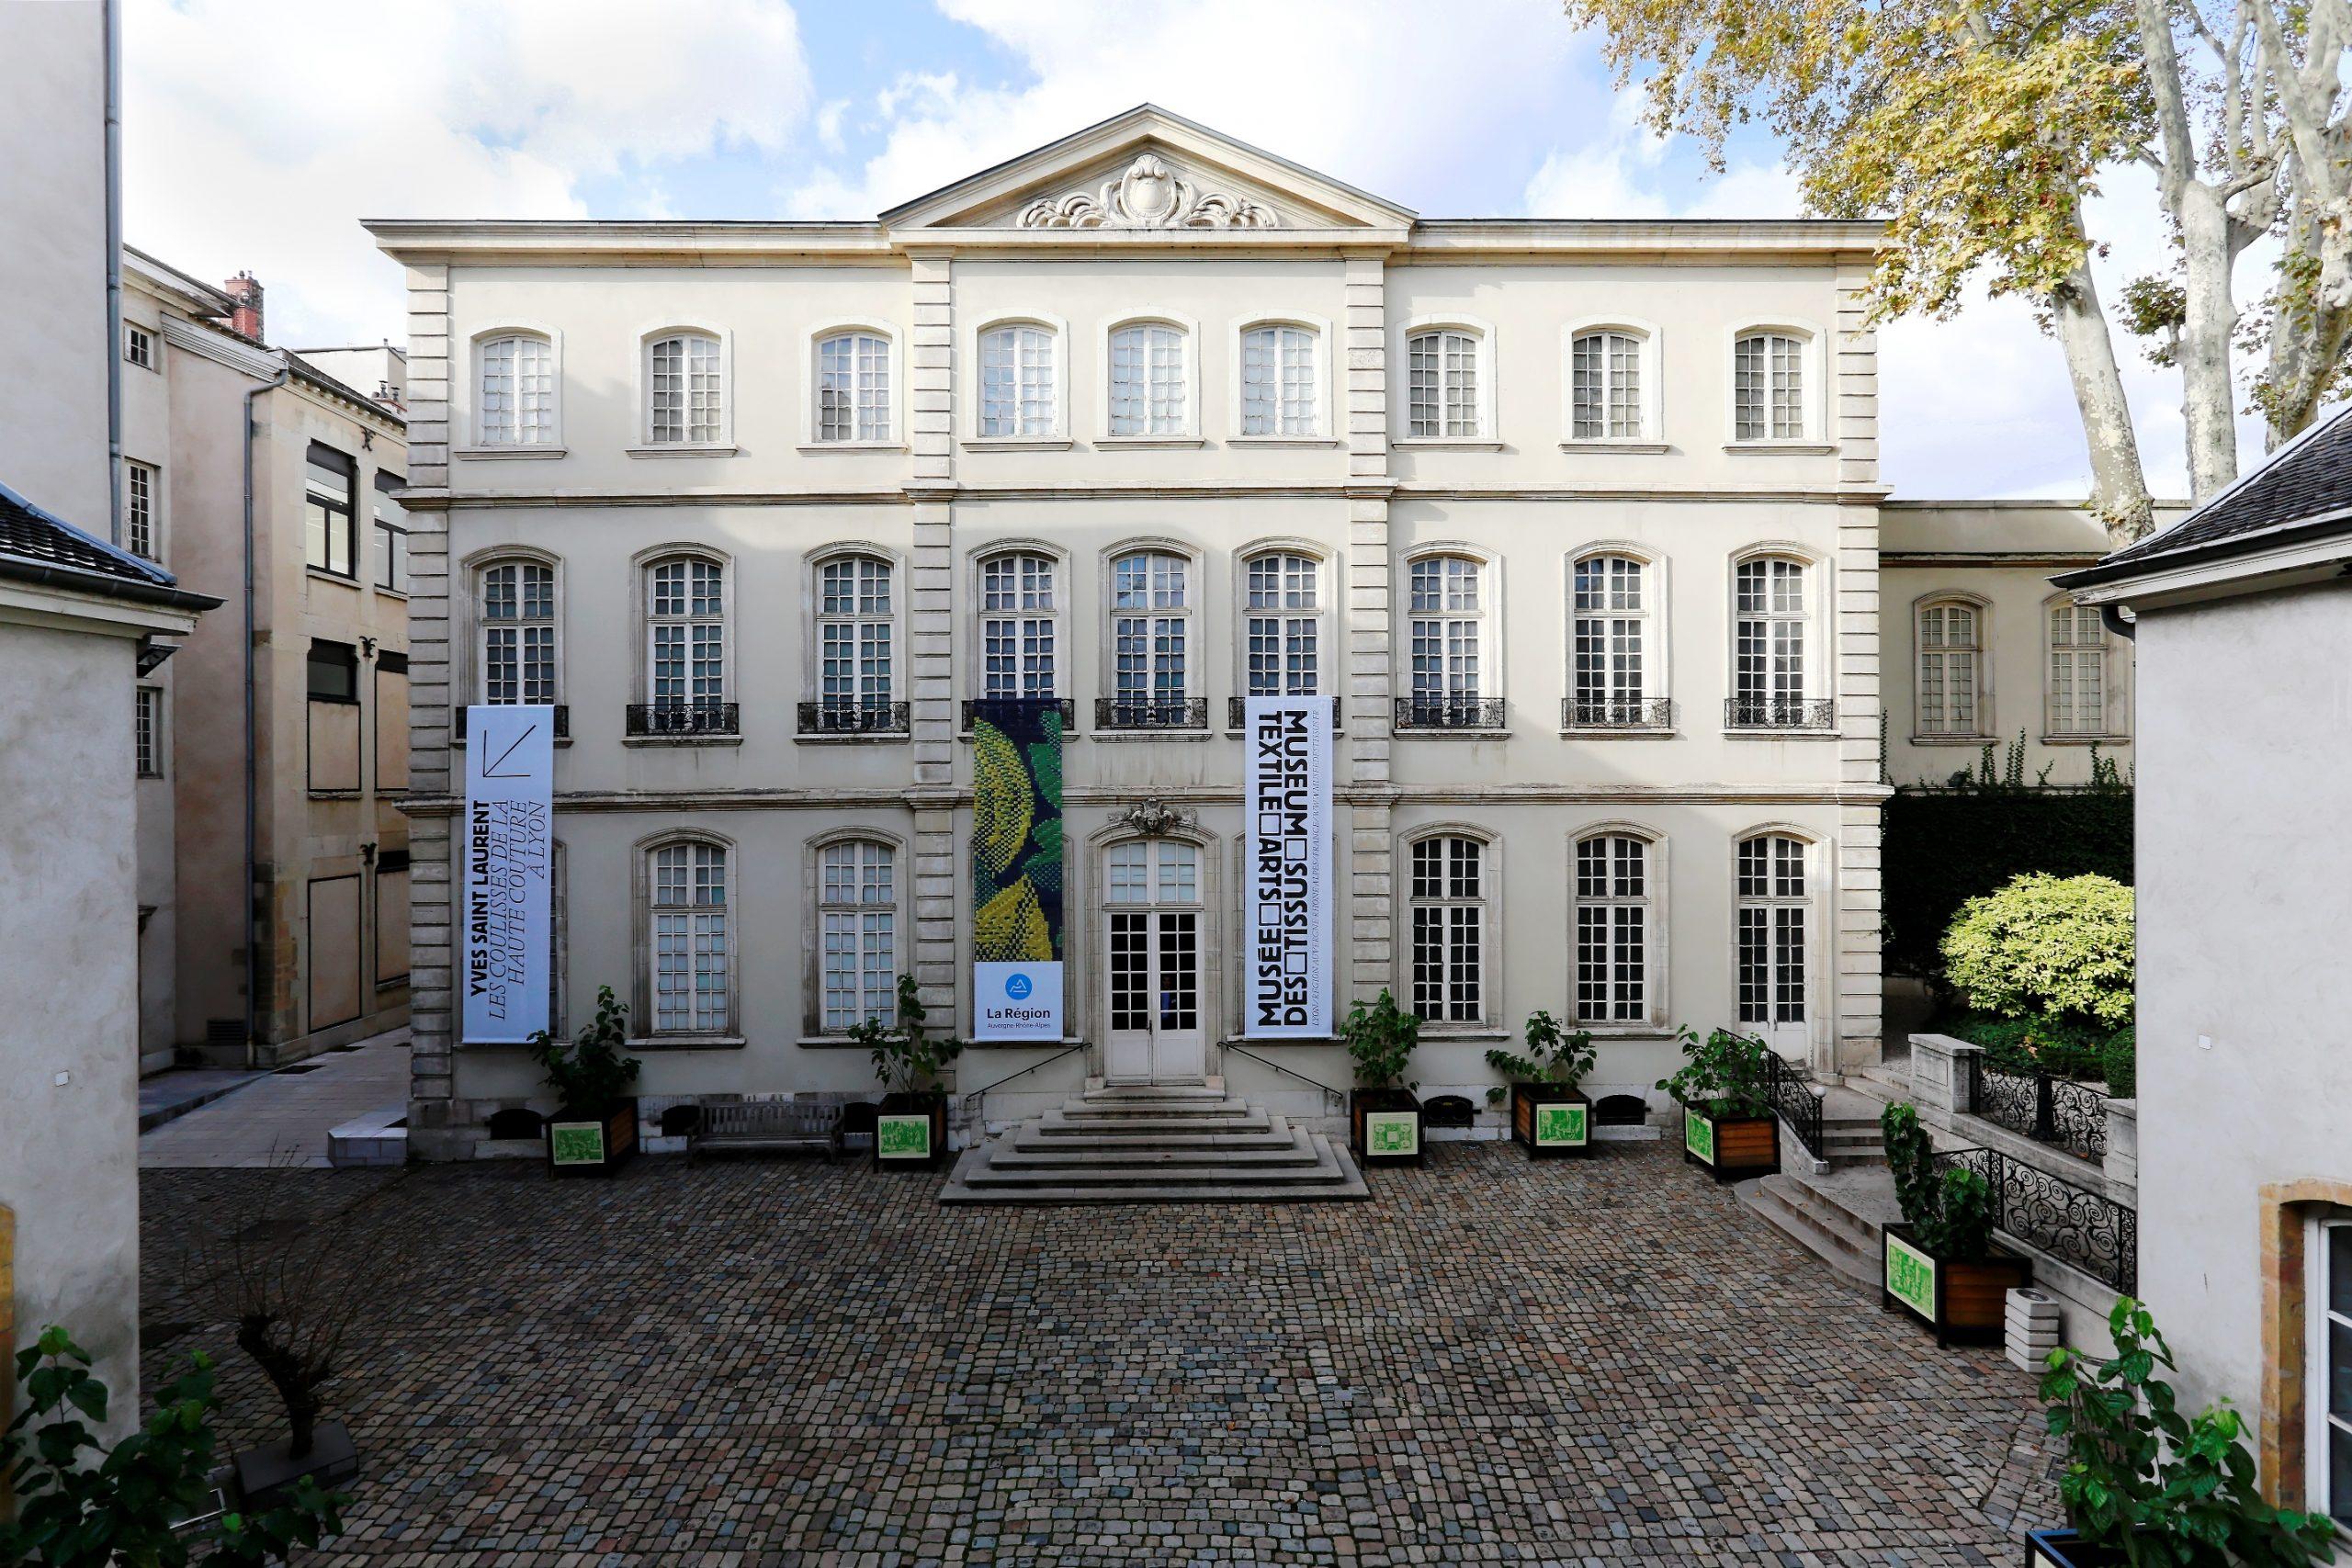 Hôtel de Villeroy - Musée des tissus